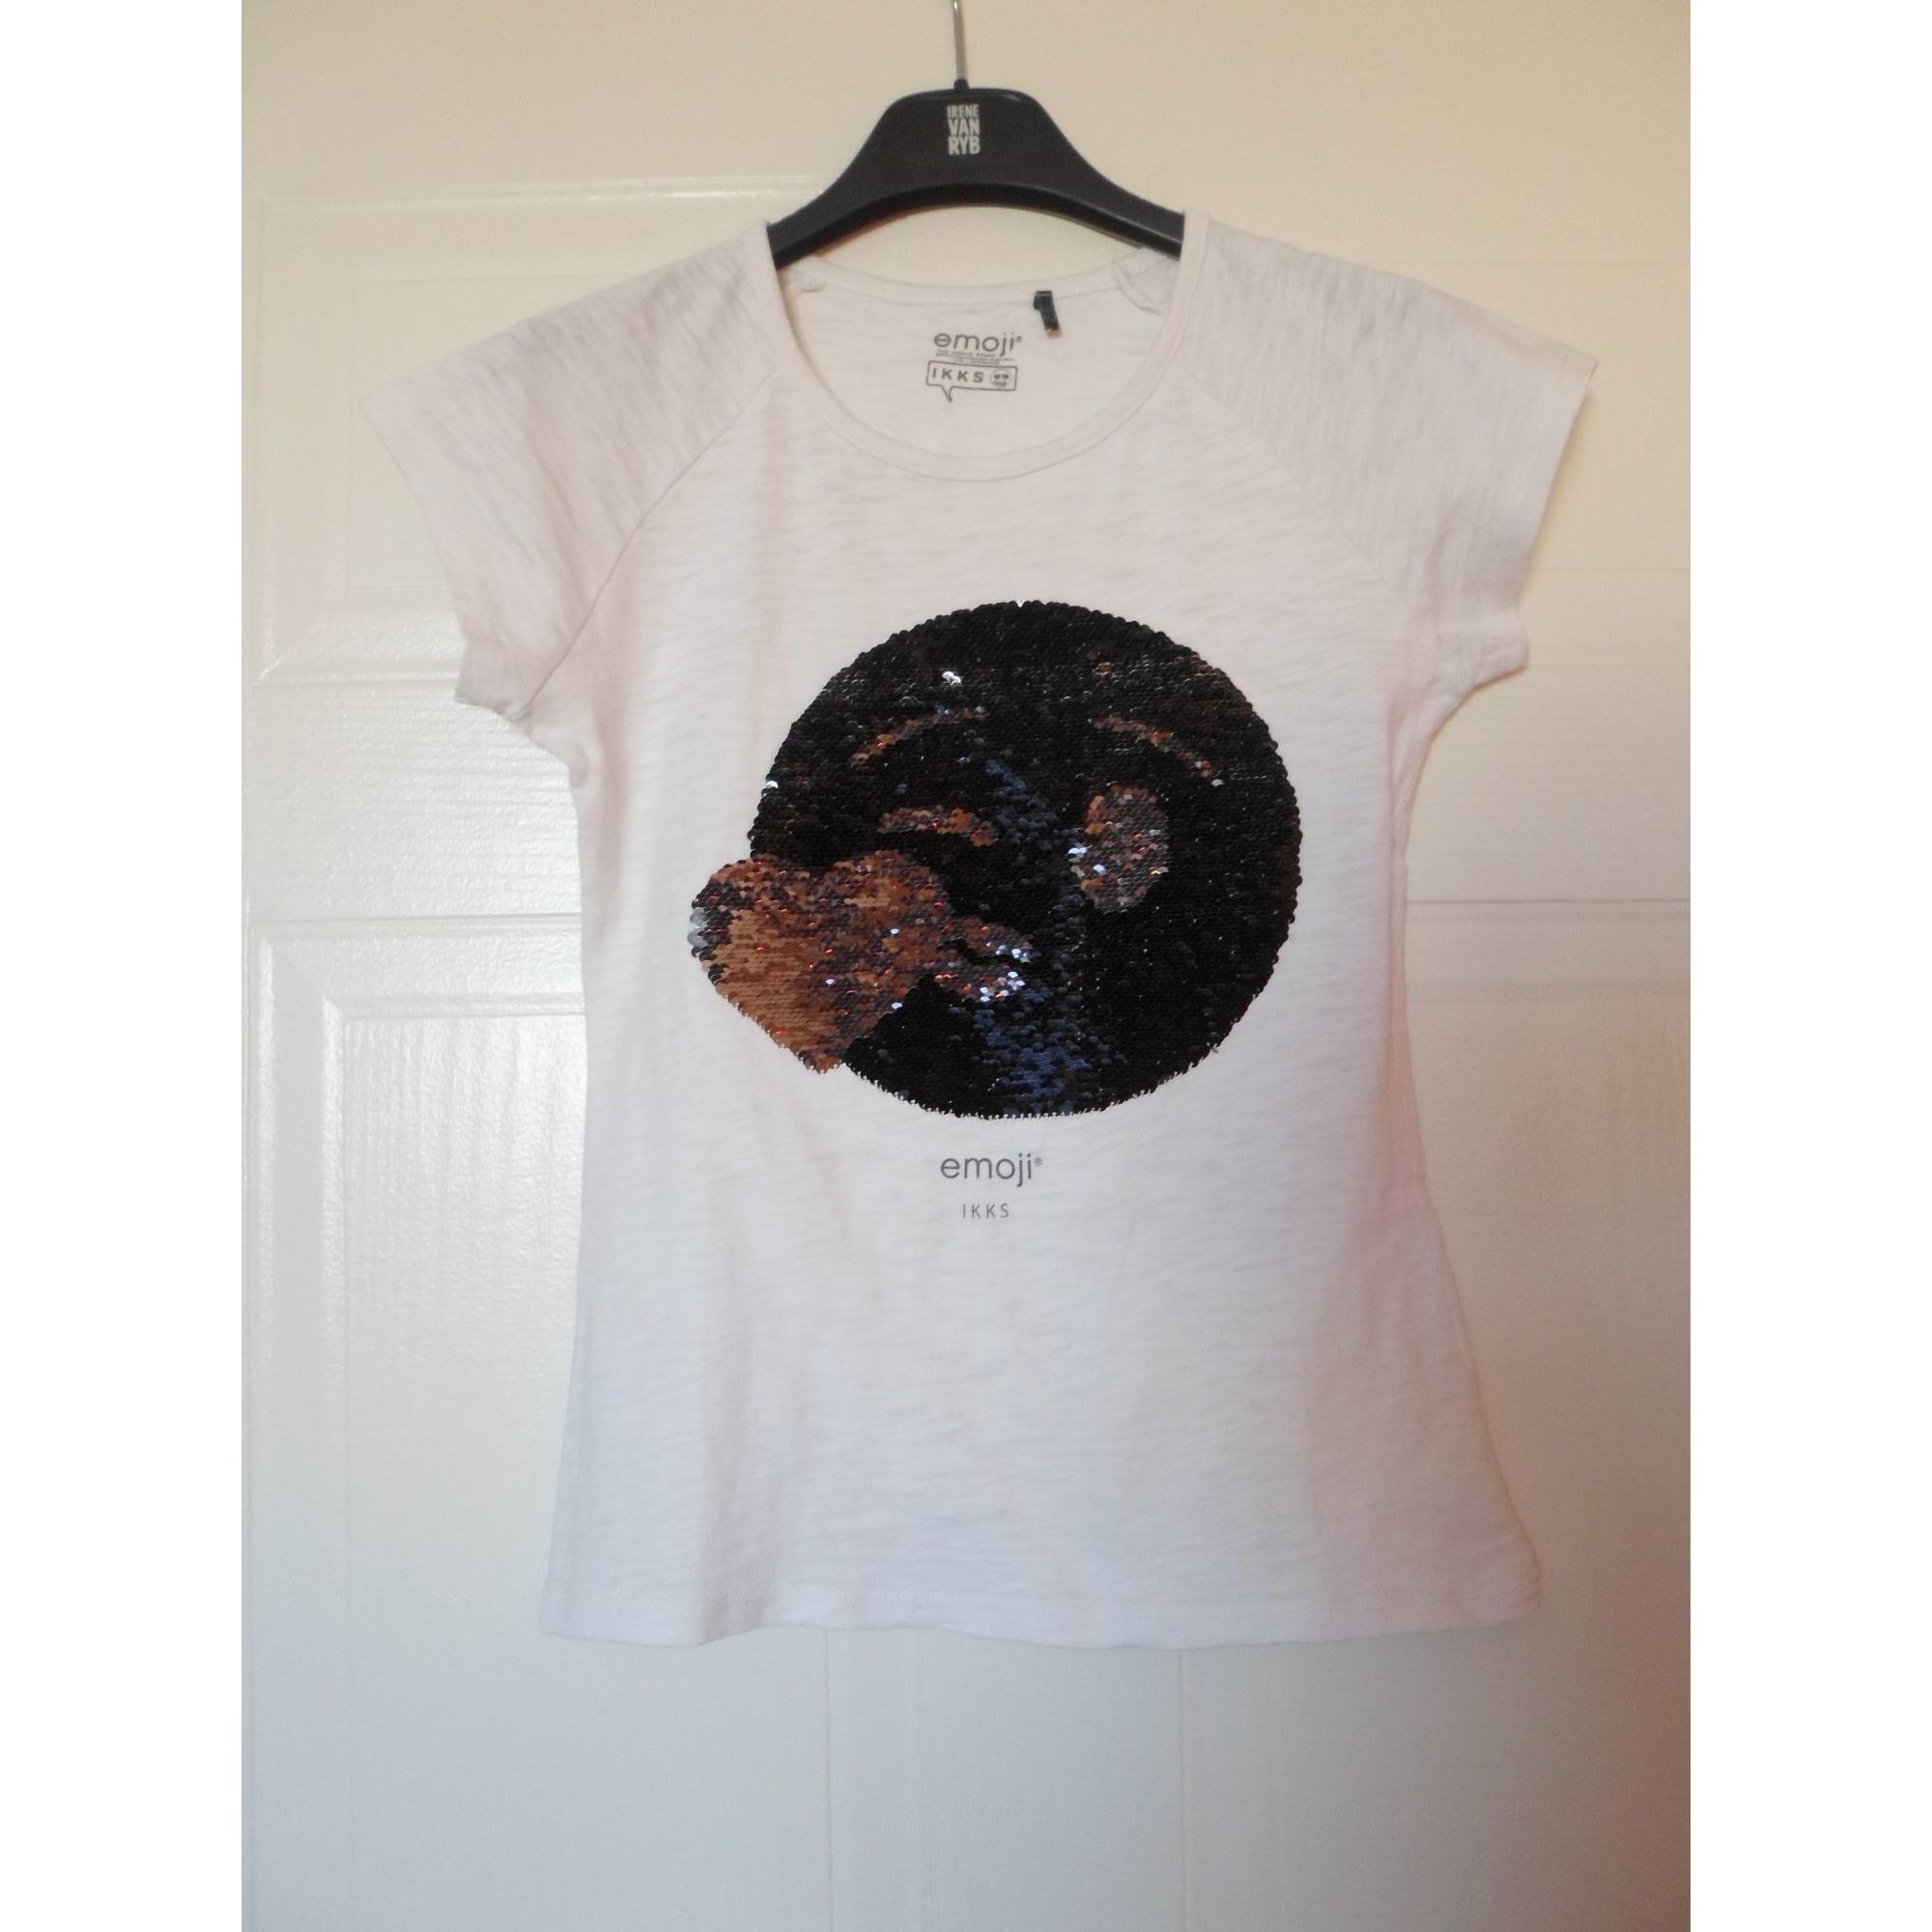 Top, Tee-shirt TSHIRT MC ÉCRU EMOJI - IKKS - 12 ANS coton blanc 11-12 ans